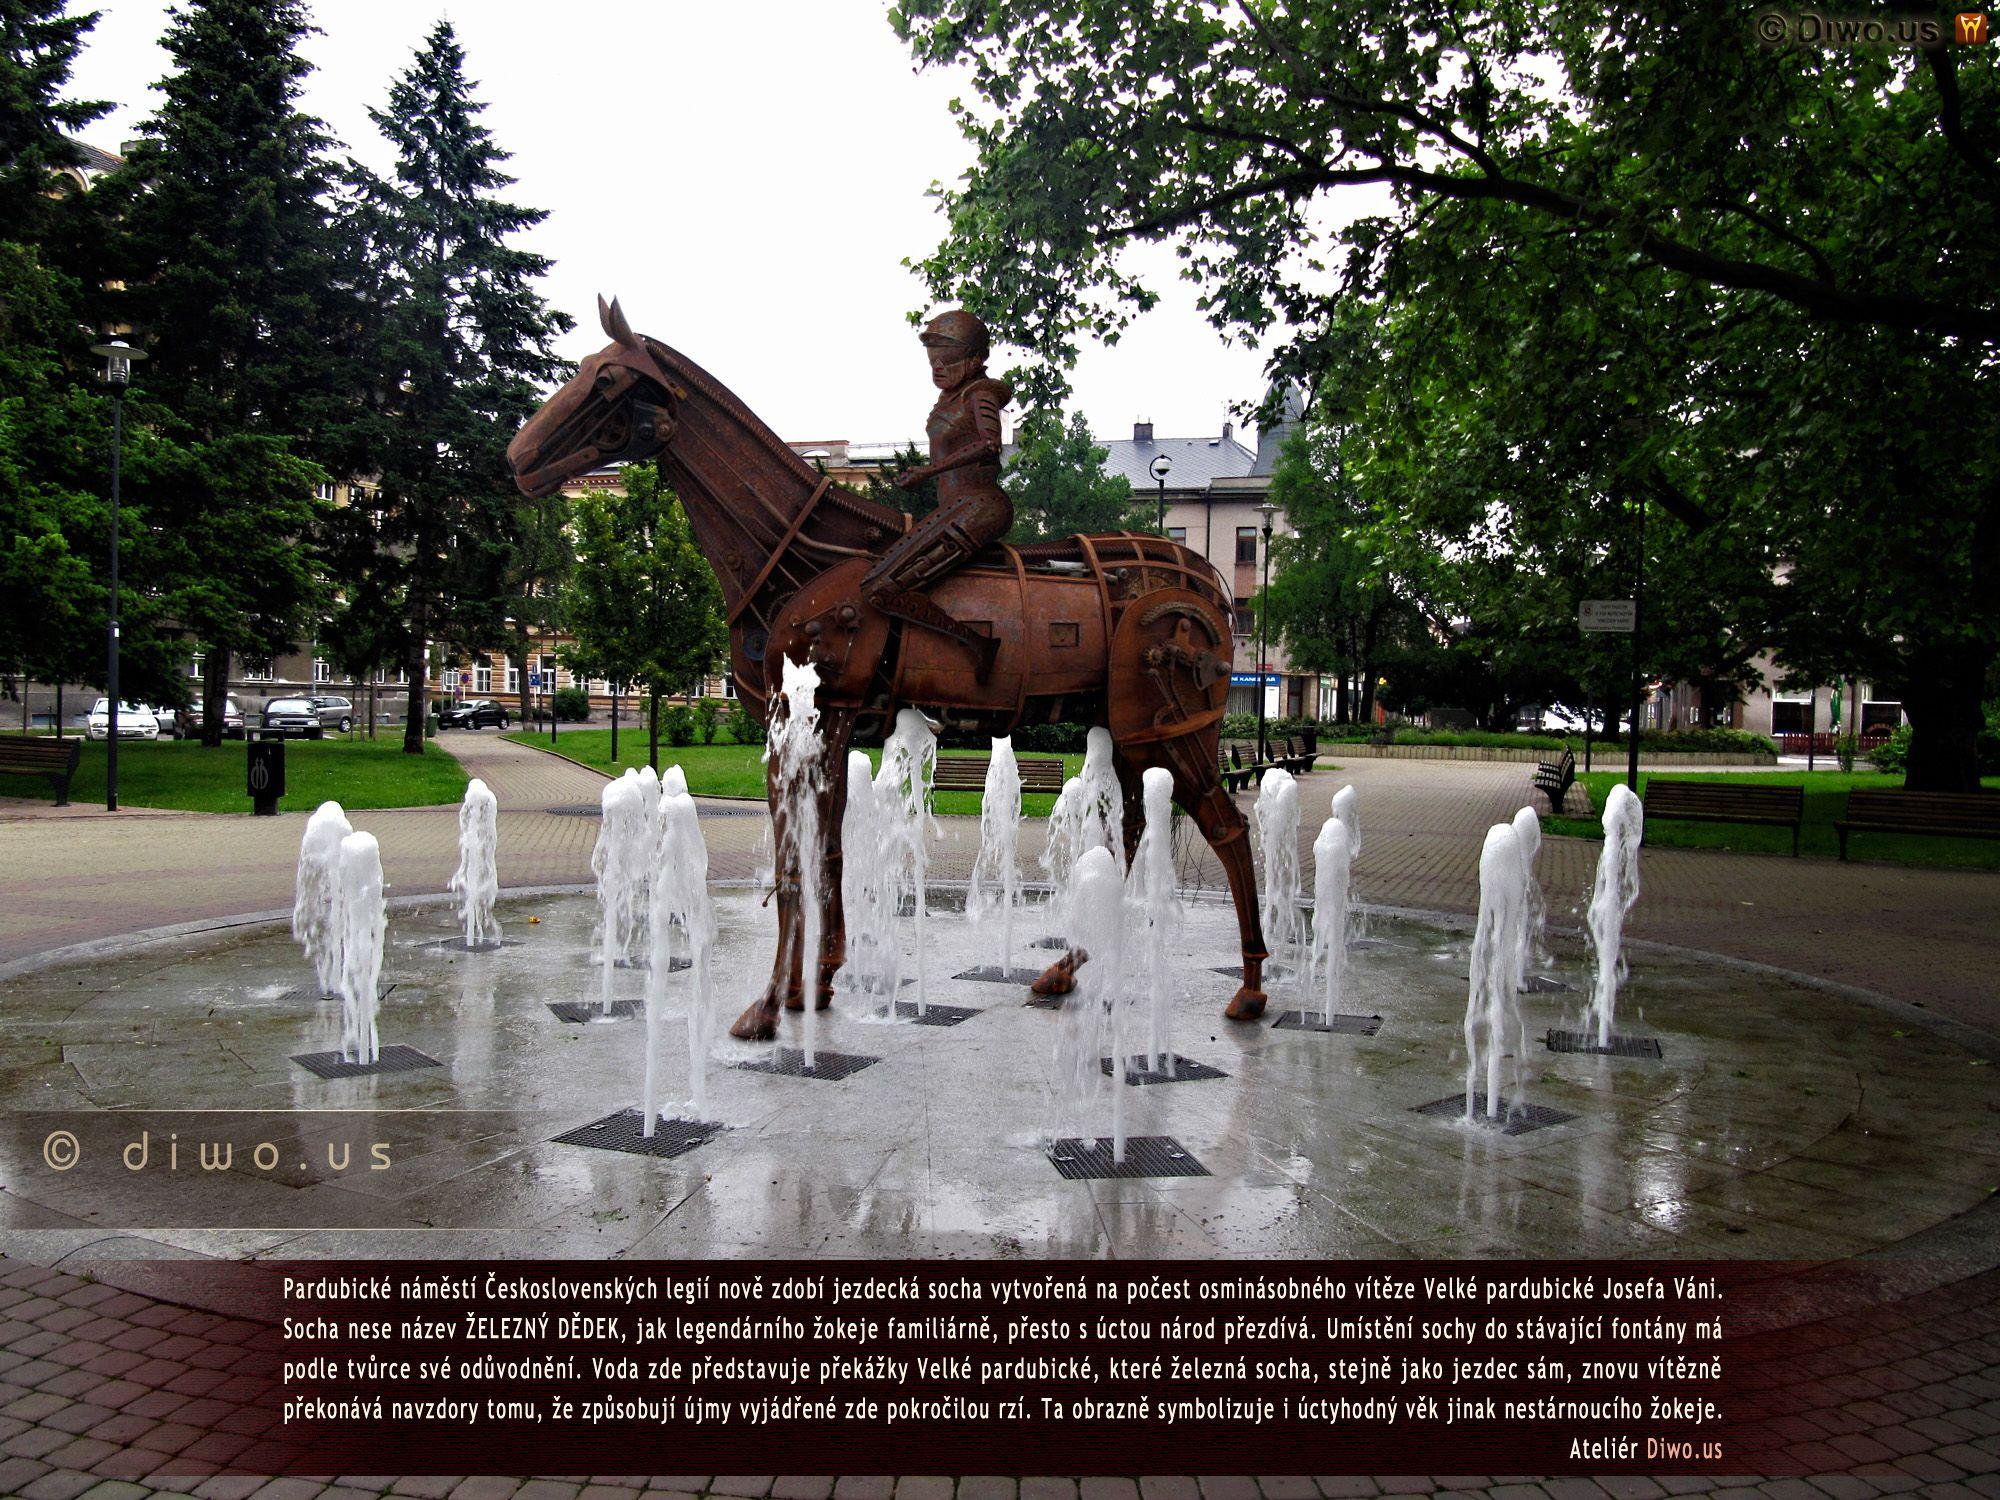 Diwous - Železný dědek, Josef Váňa, Velká pardubická, vítěz, Pardubice, náměstí Československých legií, socha, steampunk, jezdec, kůň, žokej, rez, fontána, vtip, humor